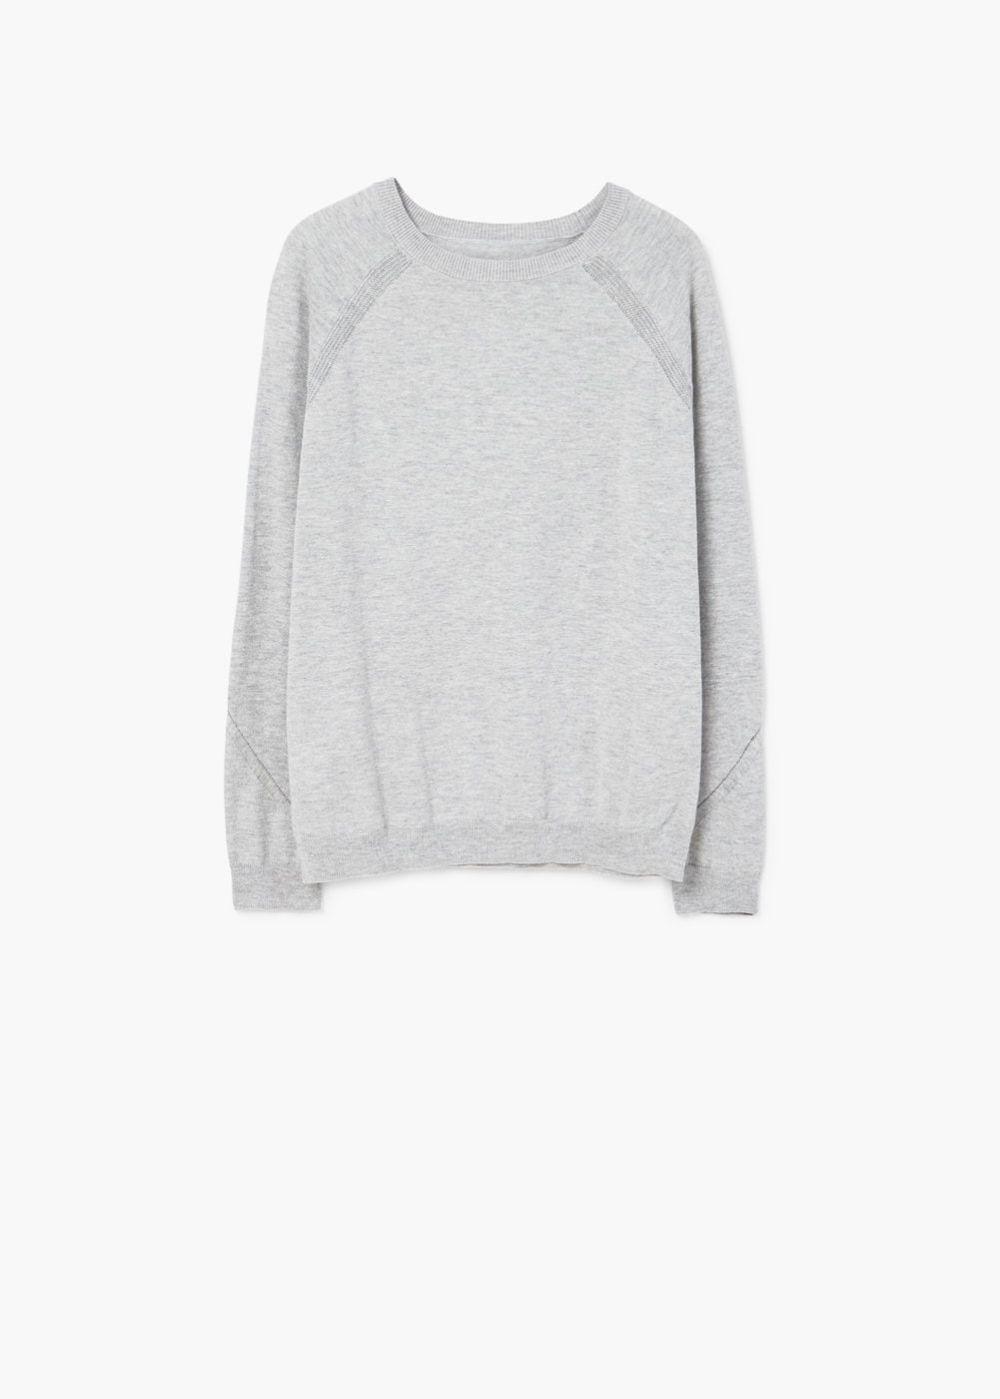 Jersey de Mango (12,99 euros)